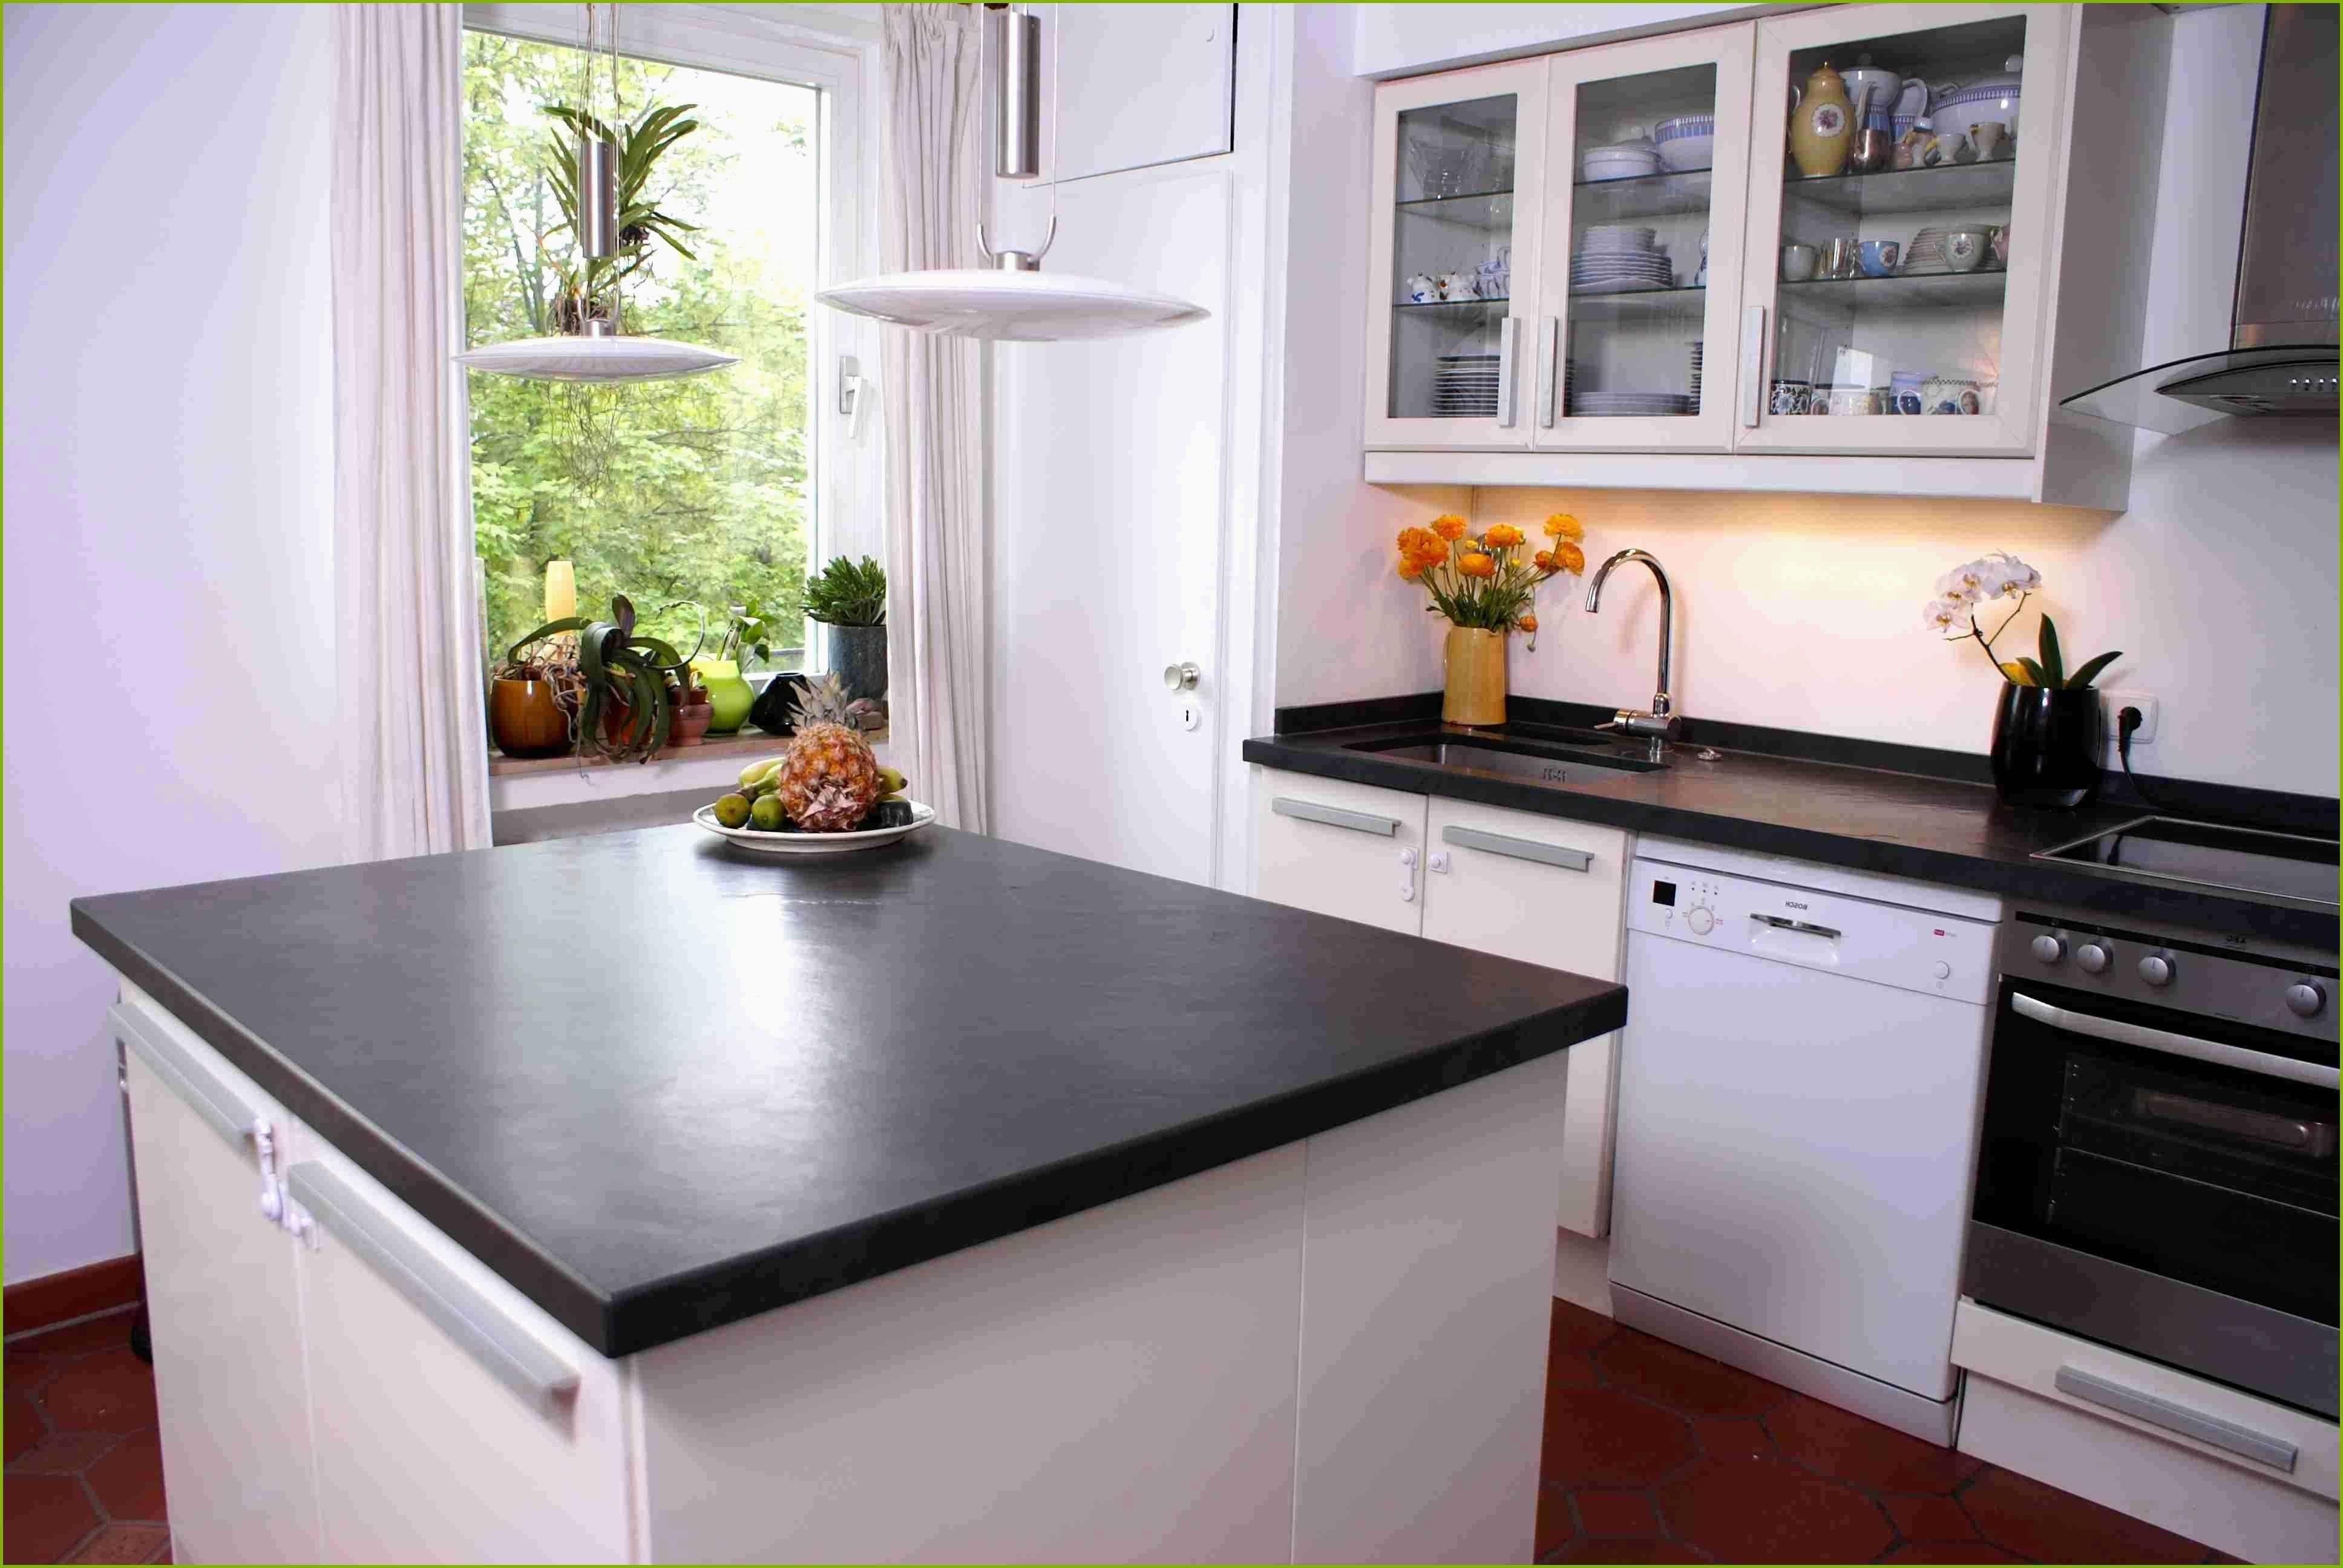 Arbeitsplatte Küche Reparieren | 42 Luxus Arbeitsplatte Kuche Reparieren Kitchen In 2018